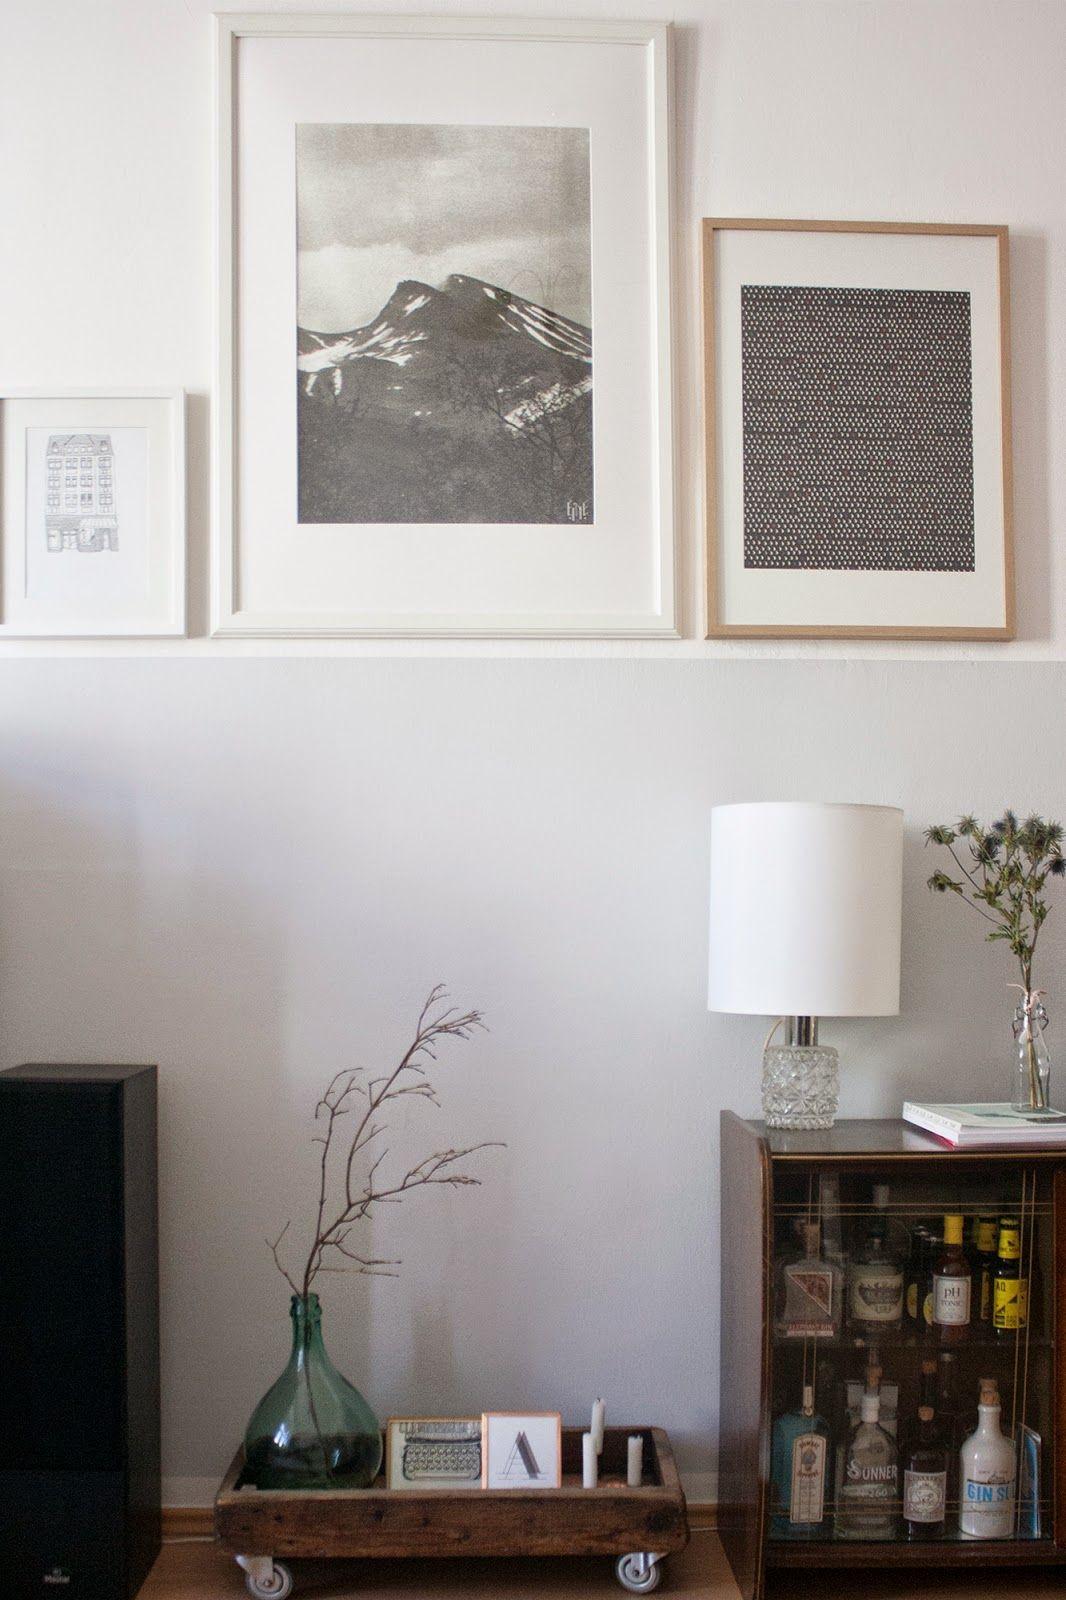 zweiundf nfzig selbstgemachte kranlampe stuff pinterest k che graue w nde and wohnen. Black Bedroom Furniture Sets. Home Design Ideas